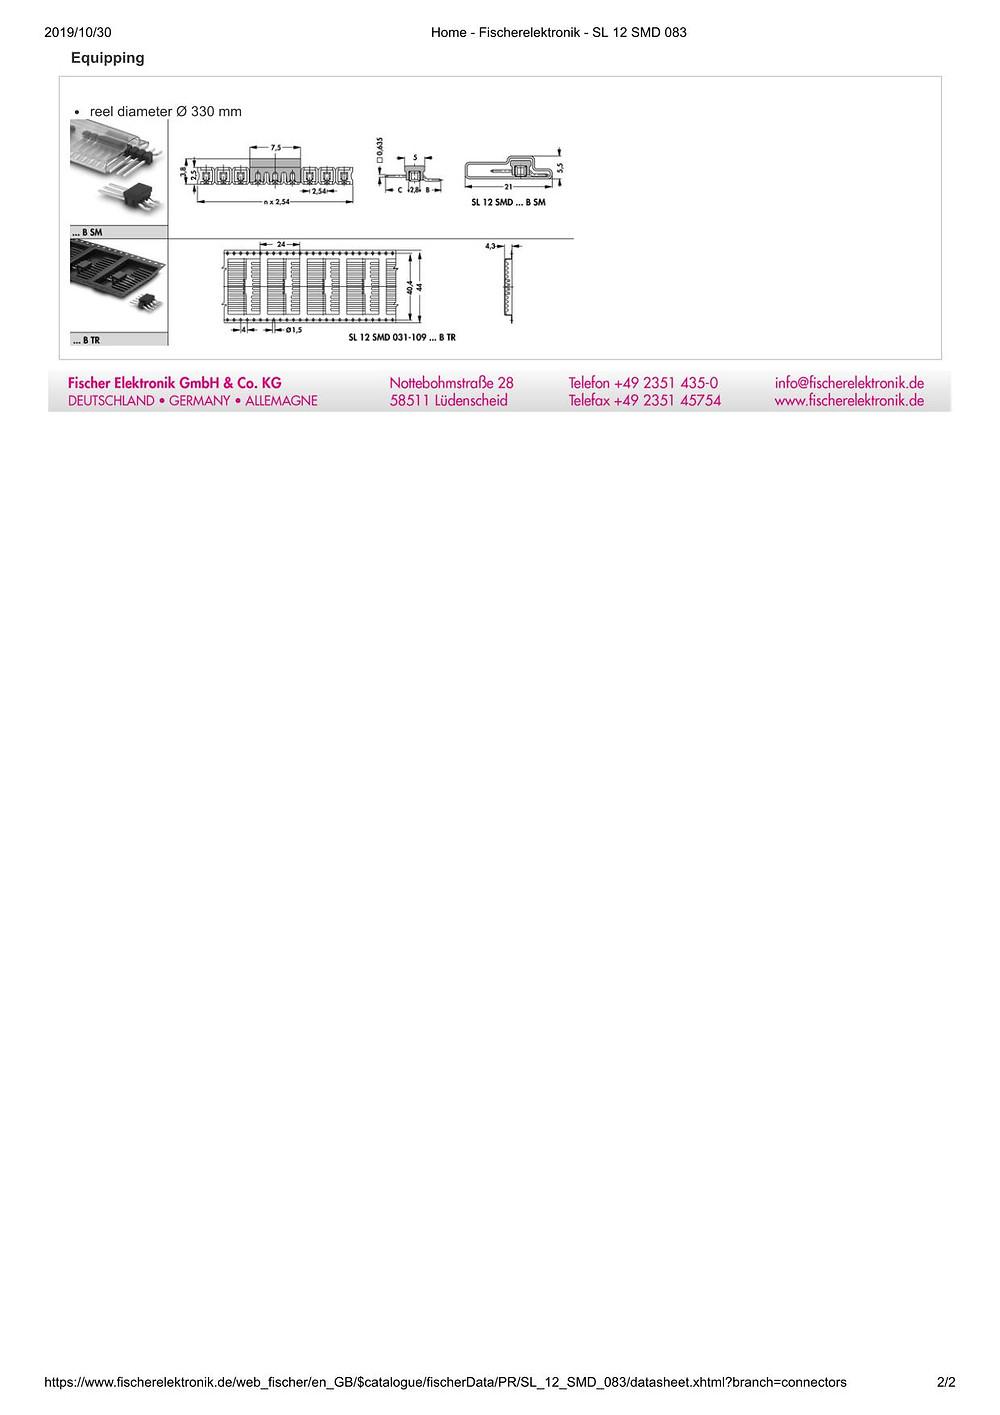 SL 12 SMD 083 フィッシャー テープ&リール対応 ピンヘッダ ライトアングル1列 2.54㎜ピッチ □0.635mm 2-20ピン